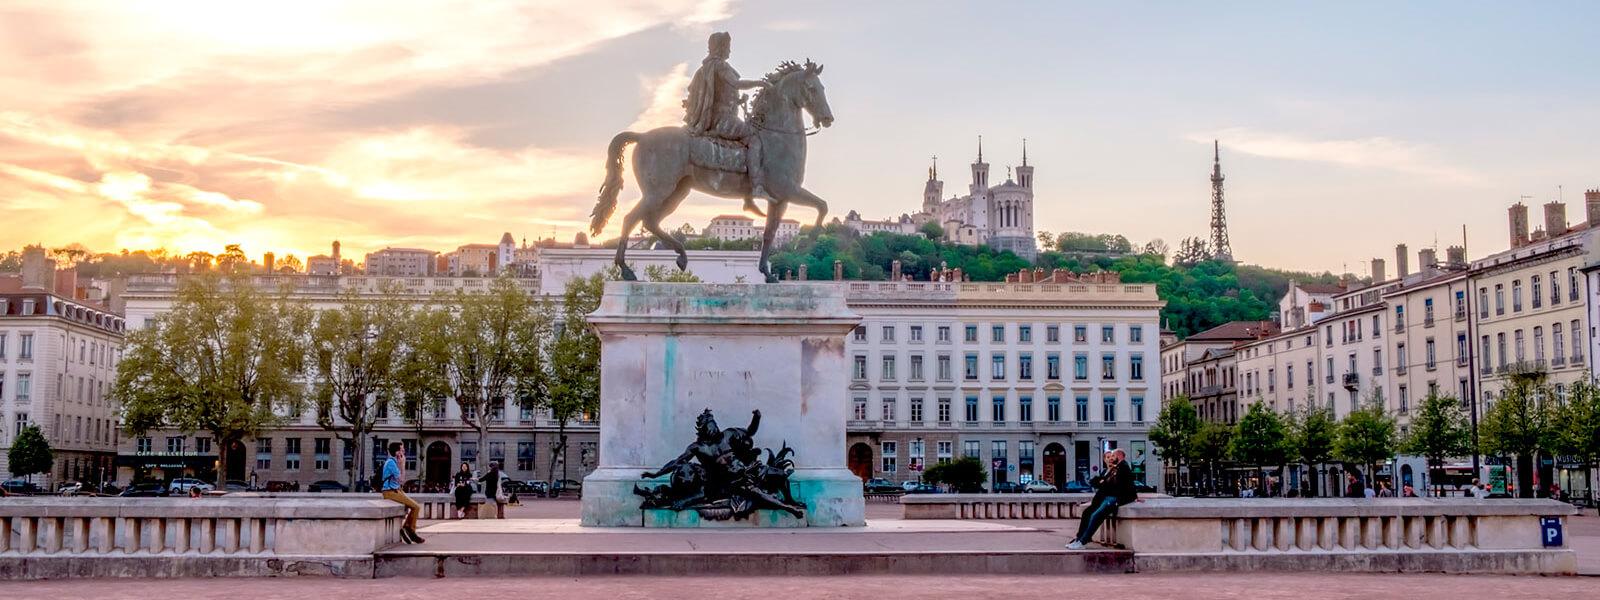 Kanpai Tourisme - Lyon City